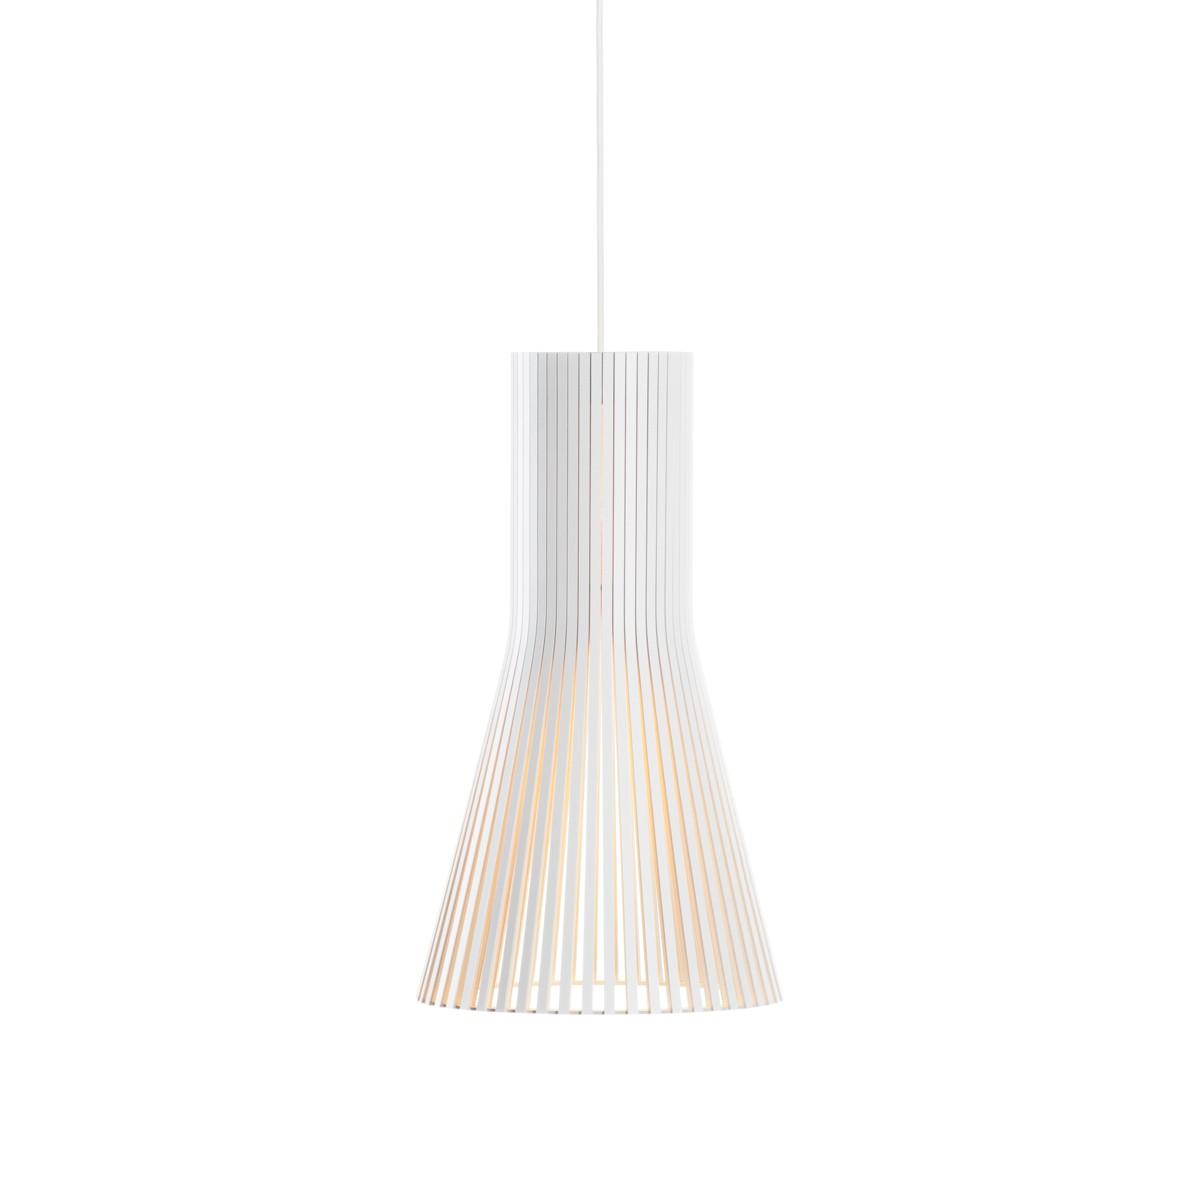 Secto Design Secto 4201 Pendelleuchte, weiß laminiert, Kabel: weiß